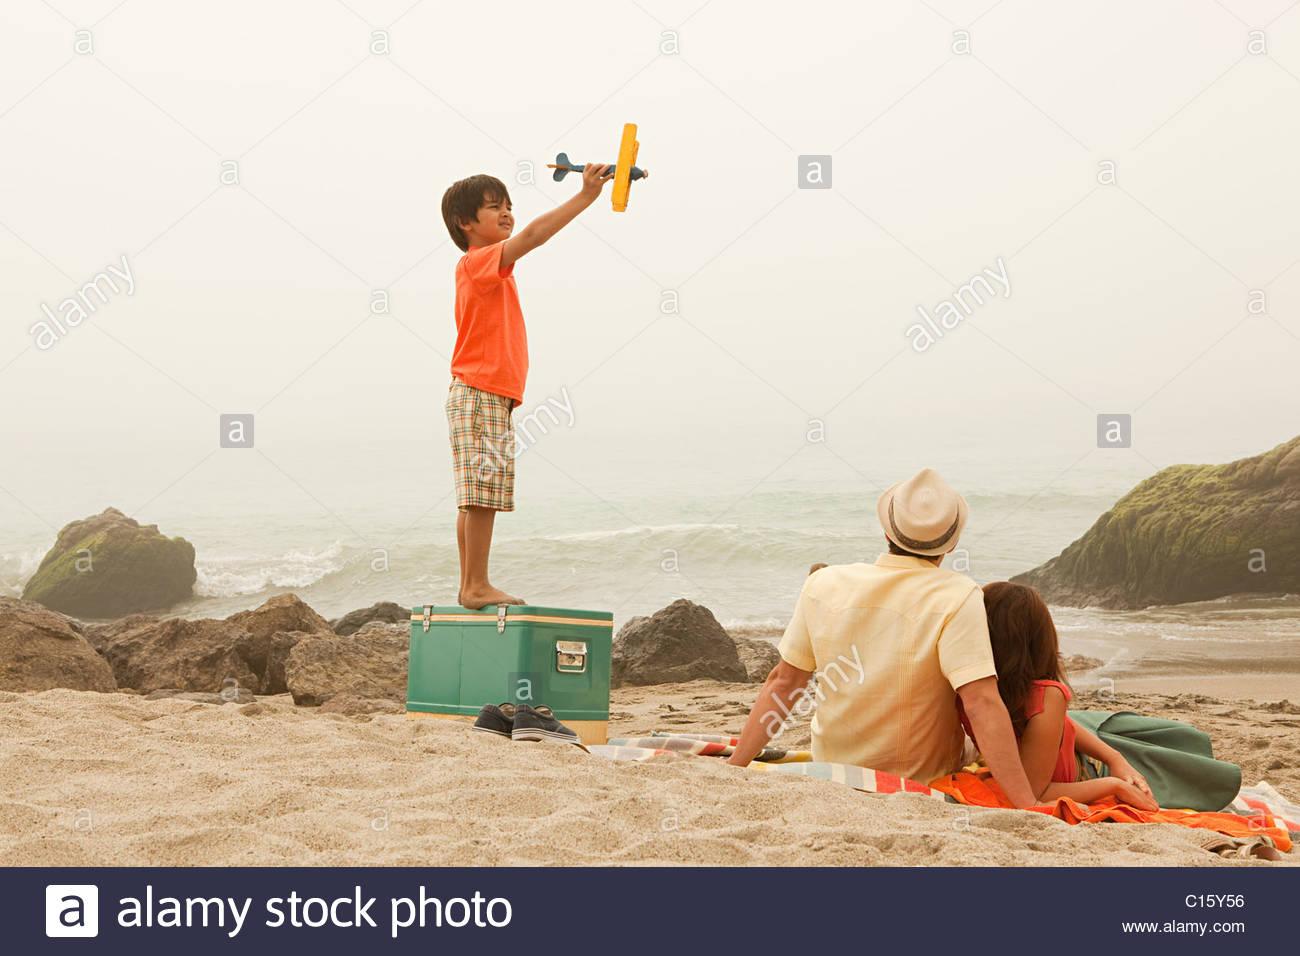 Famiglia sulla spiaggia, ragazzo giocando con Toy piano Immagini Stock